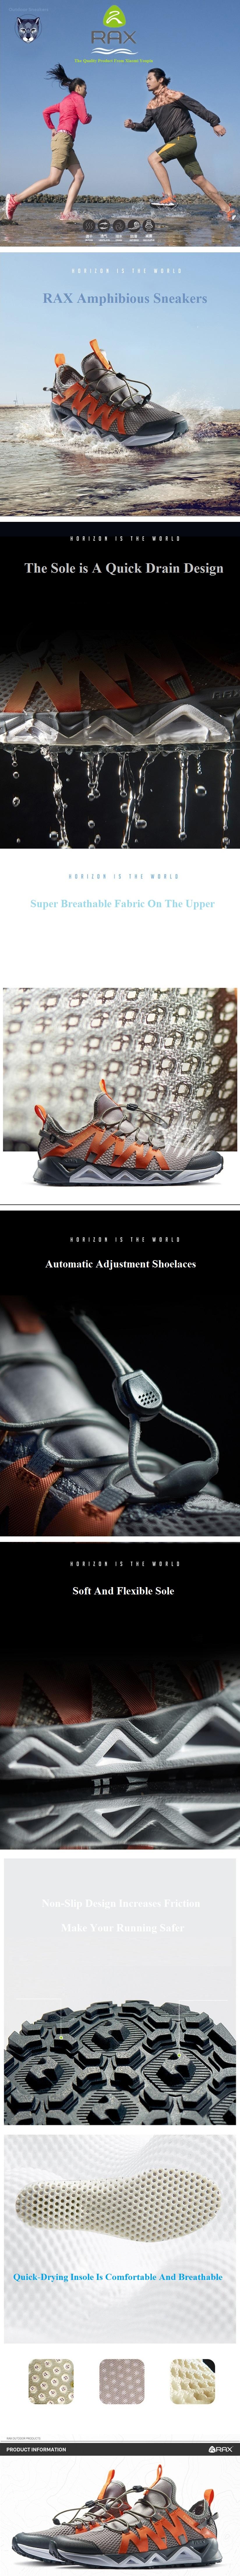 RAX Amphibious Men Ultralight Quick Drying Sneakers From Xiaomi Youpin